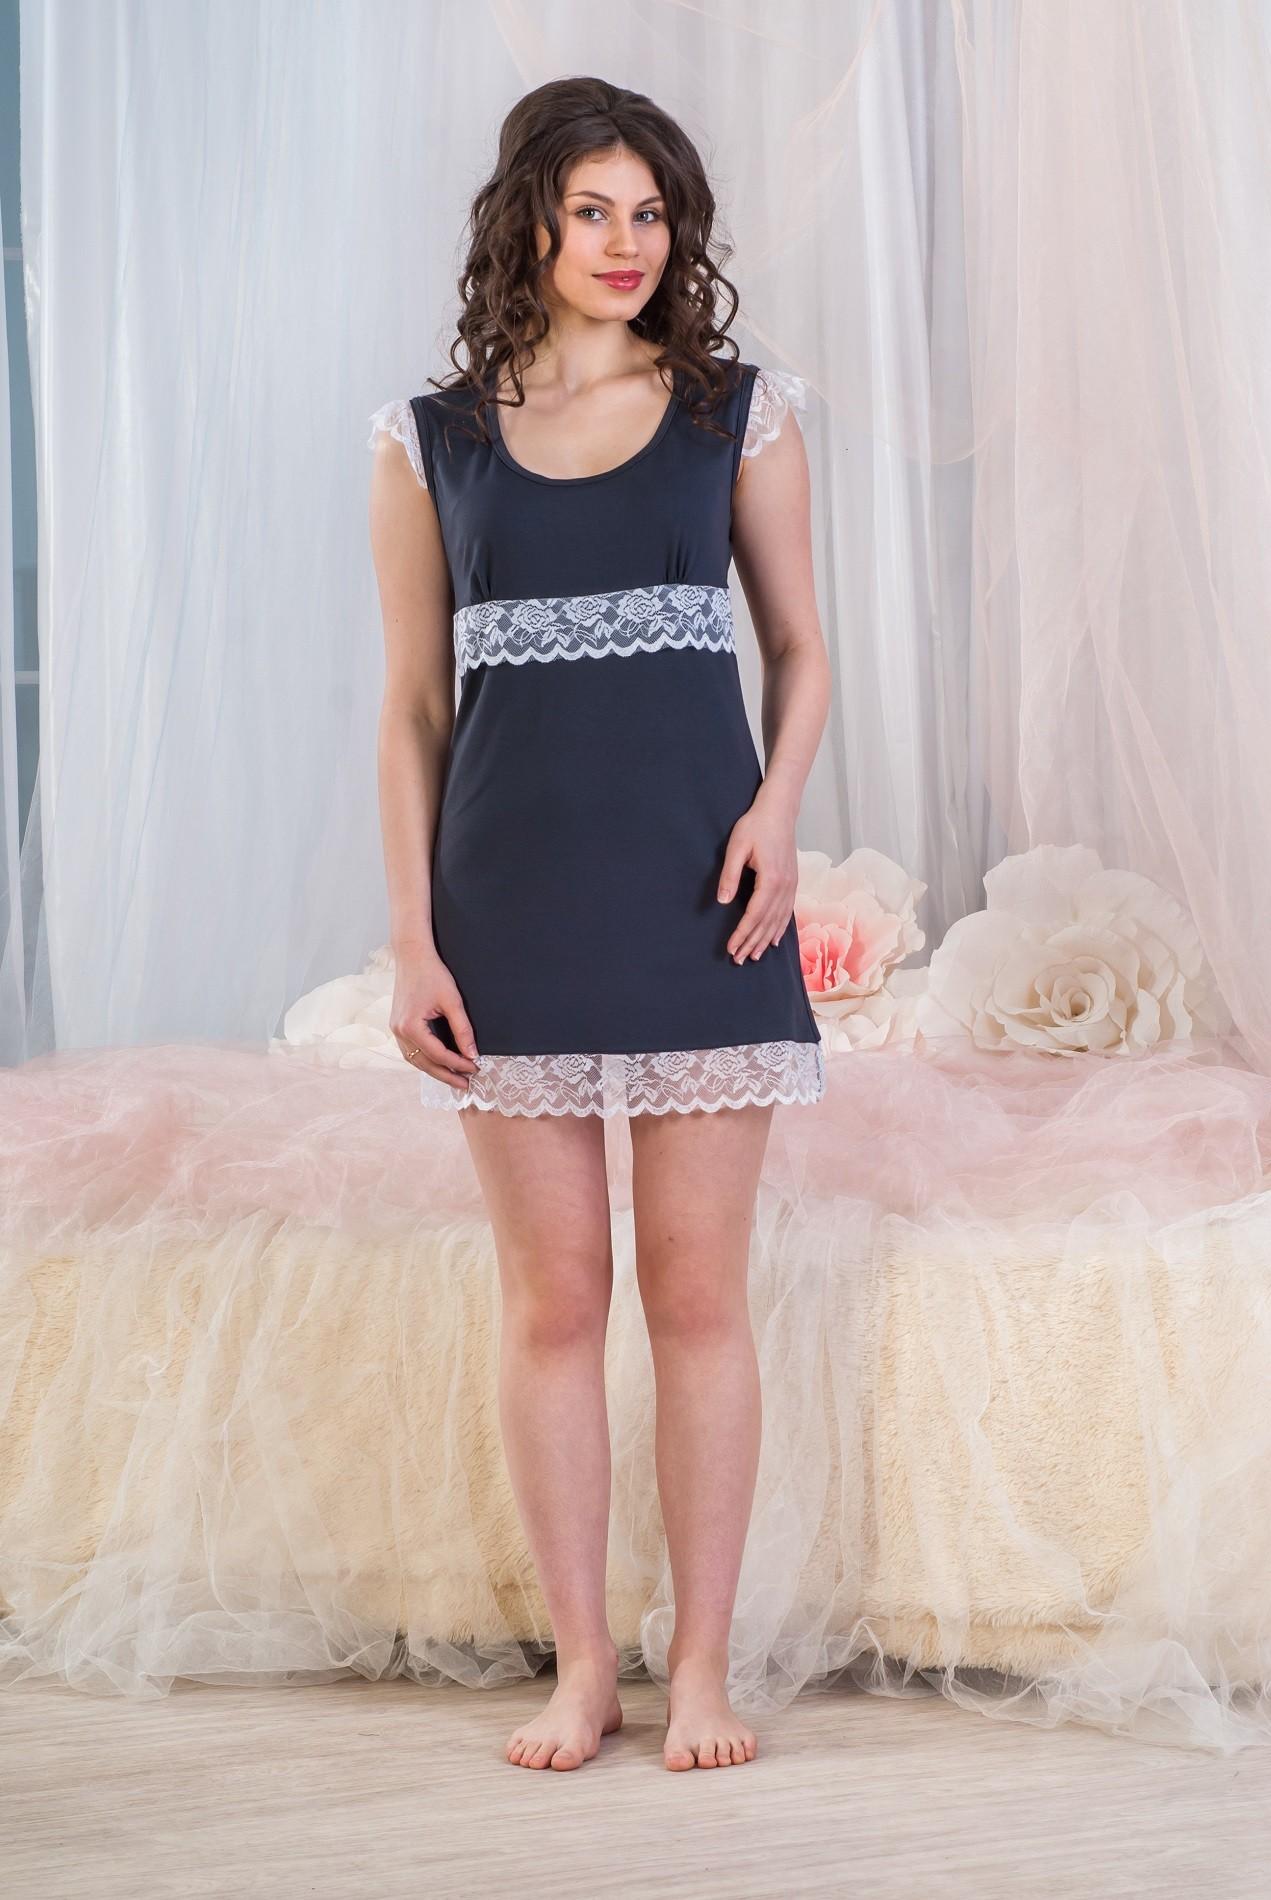 Сорочка женская Сильвия с кружевной отделкойДомашняя одежда<br><br><br>Размер: 52